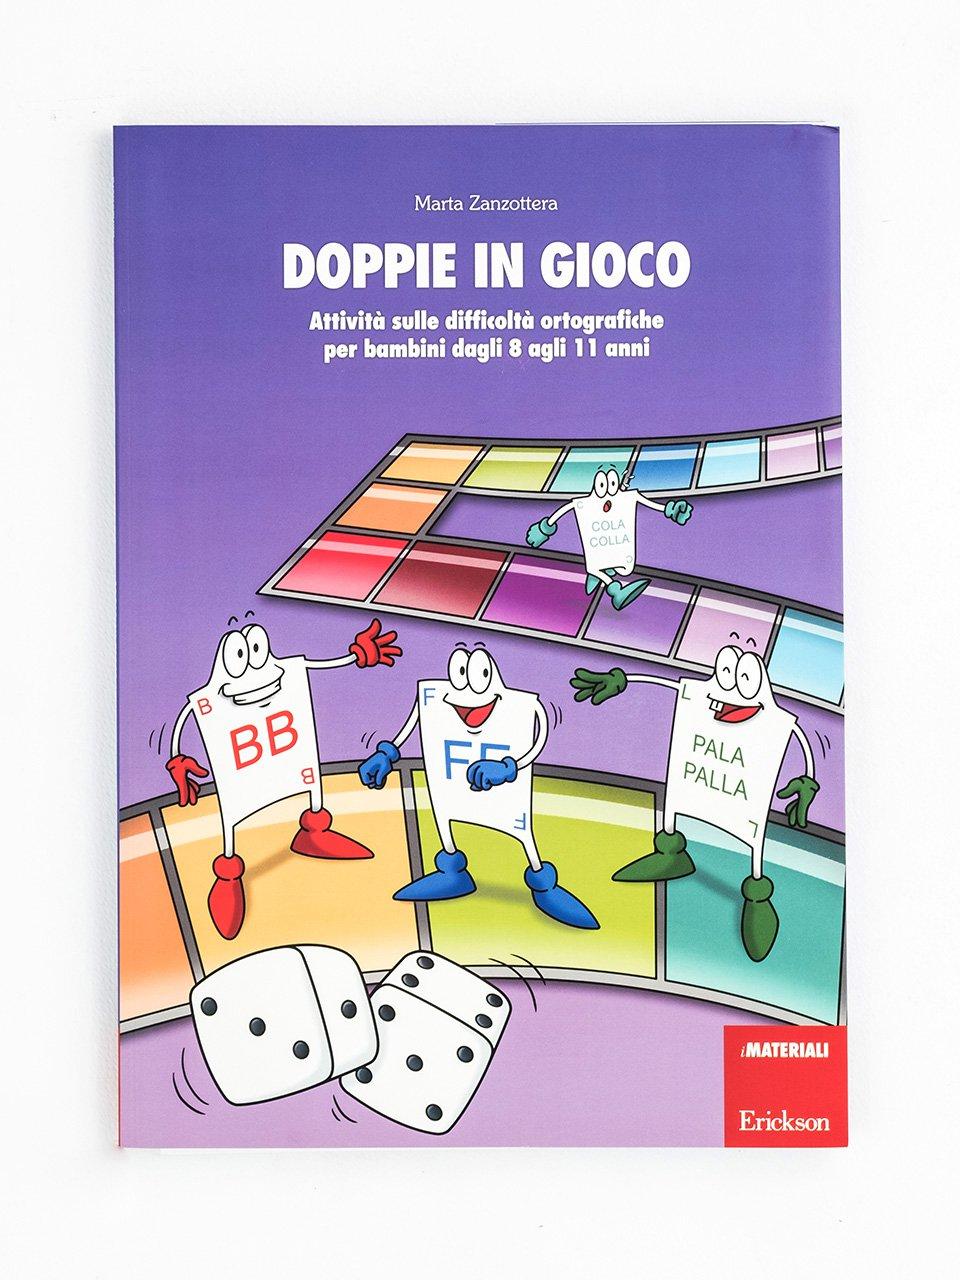 Doppie in gioco - Le difficoltà ortografiche - Volume 1 - Libri - App e software - Erickson